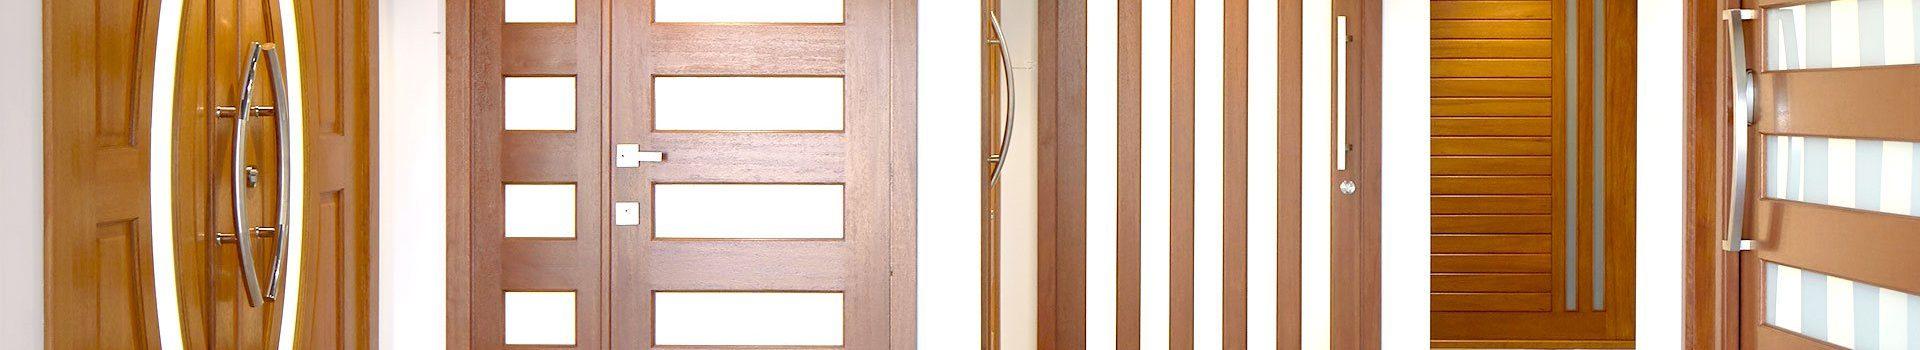 Межкомнатные двери купить в Харькове, цены от производителя